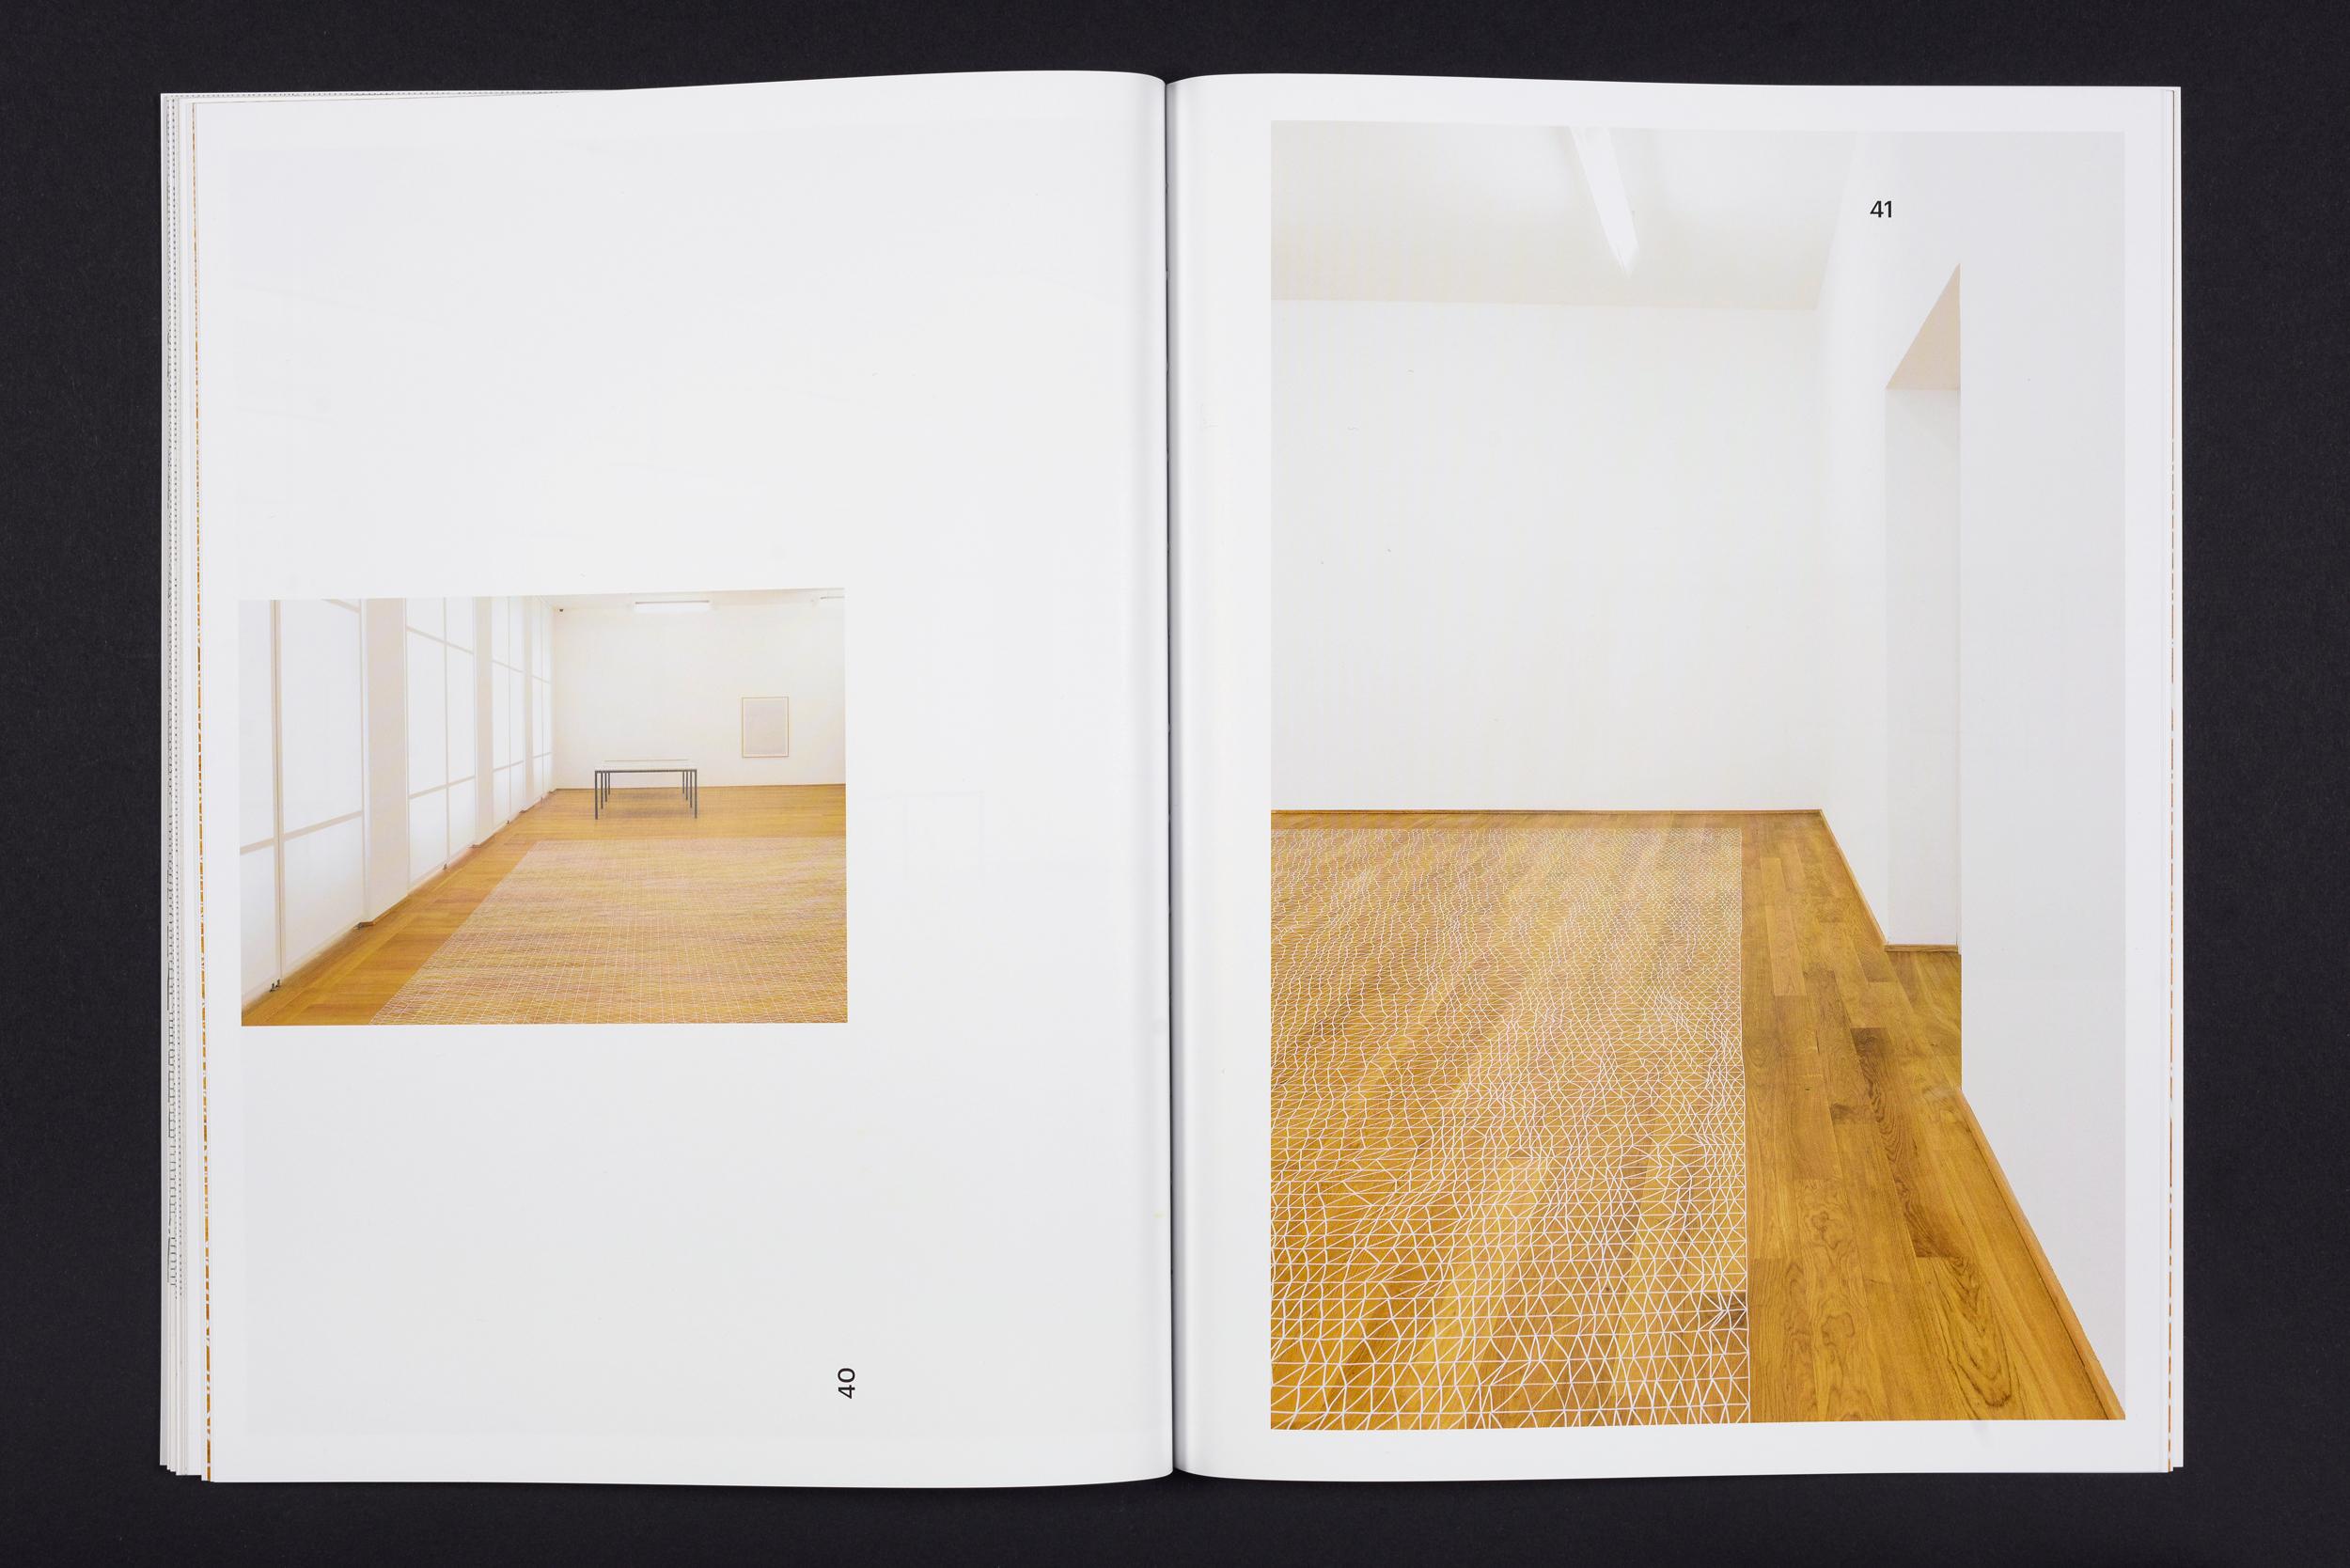 Zickzack: Page 40/41